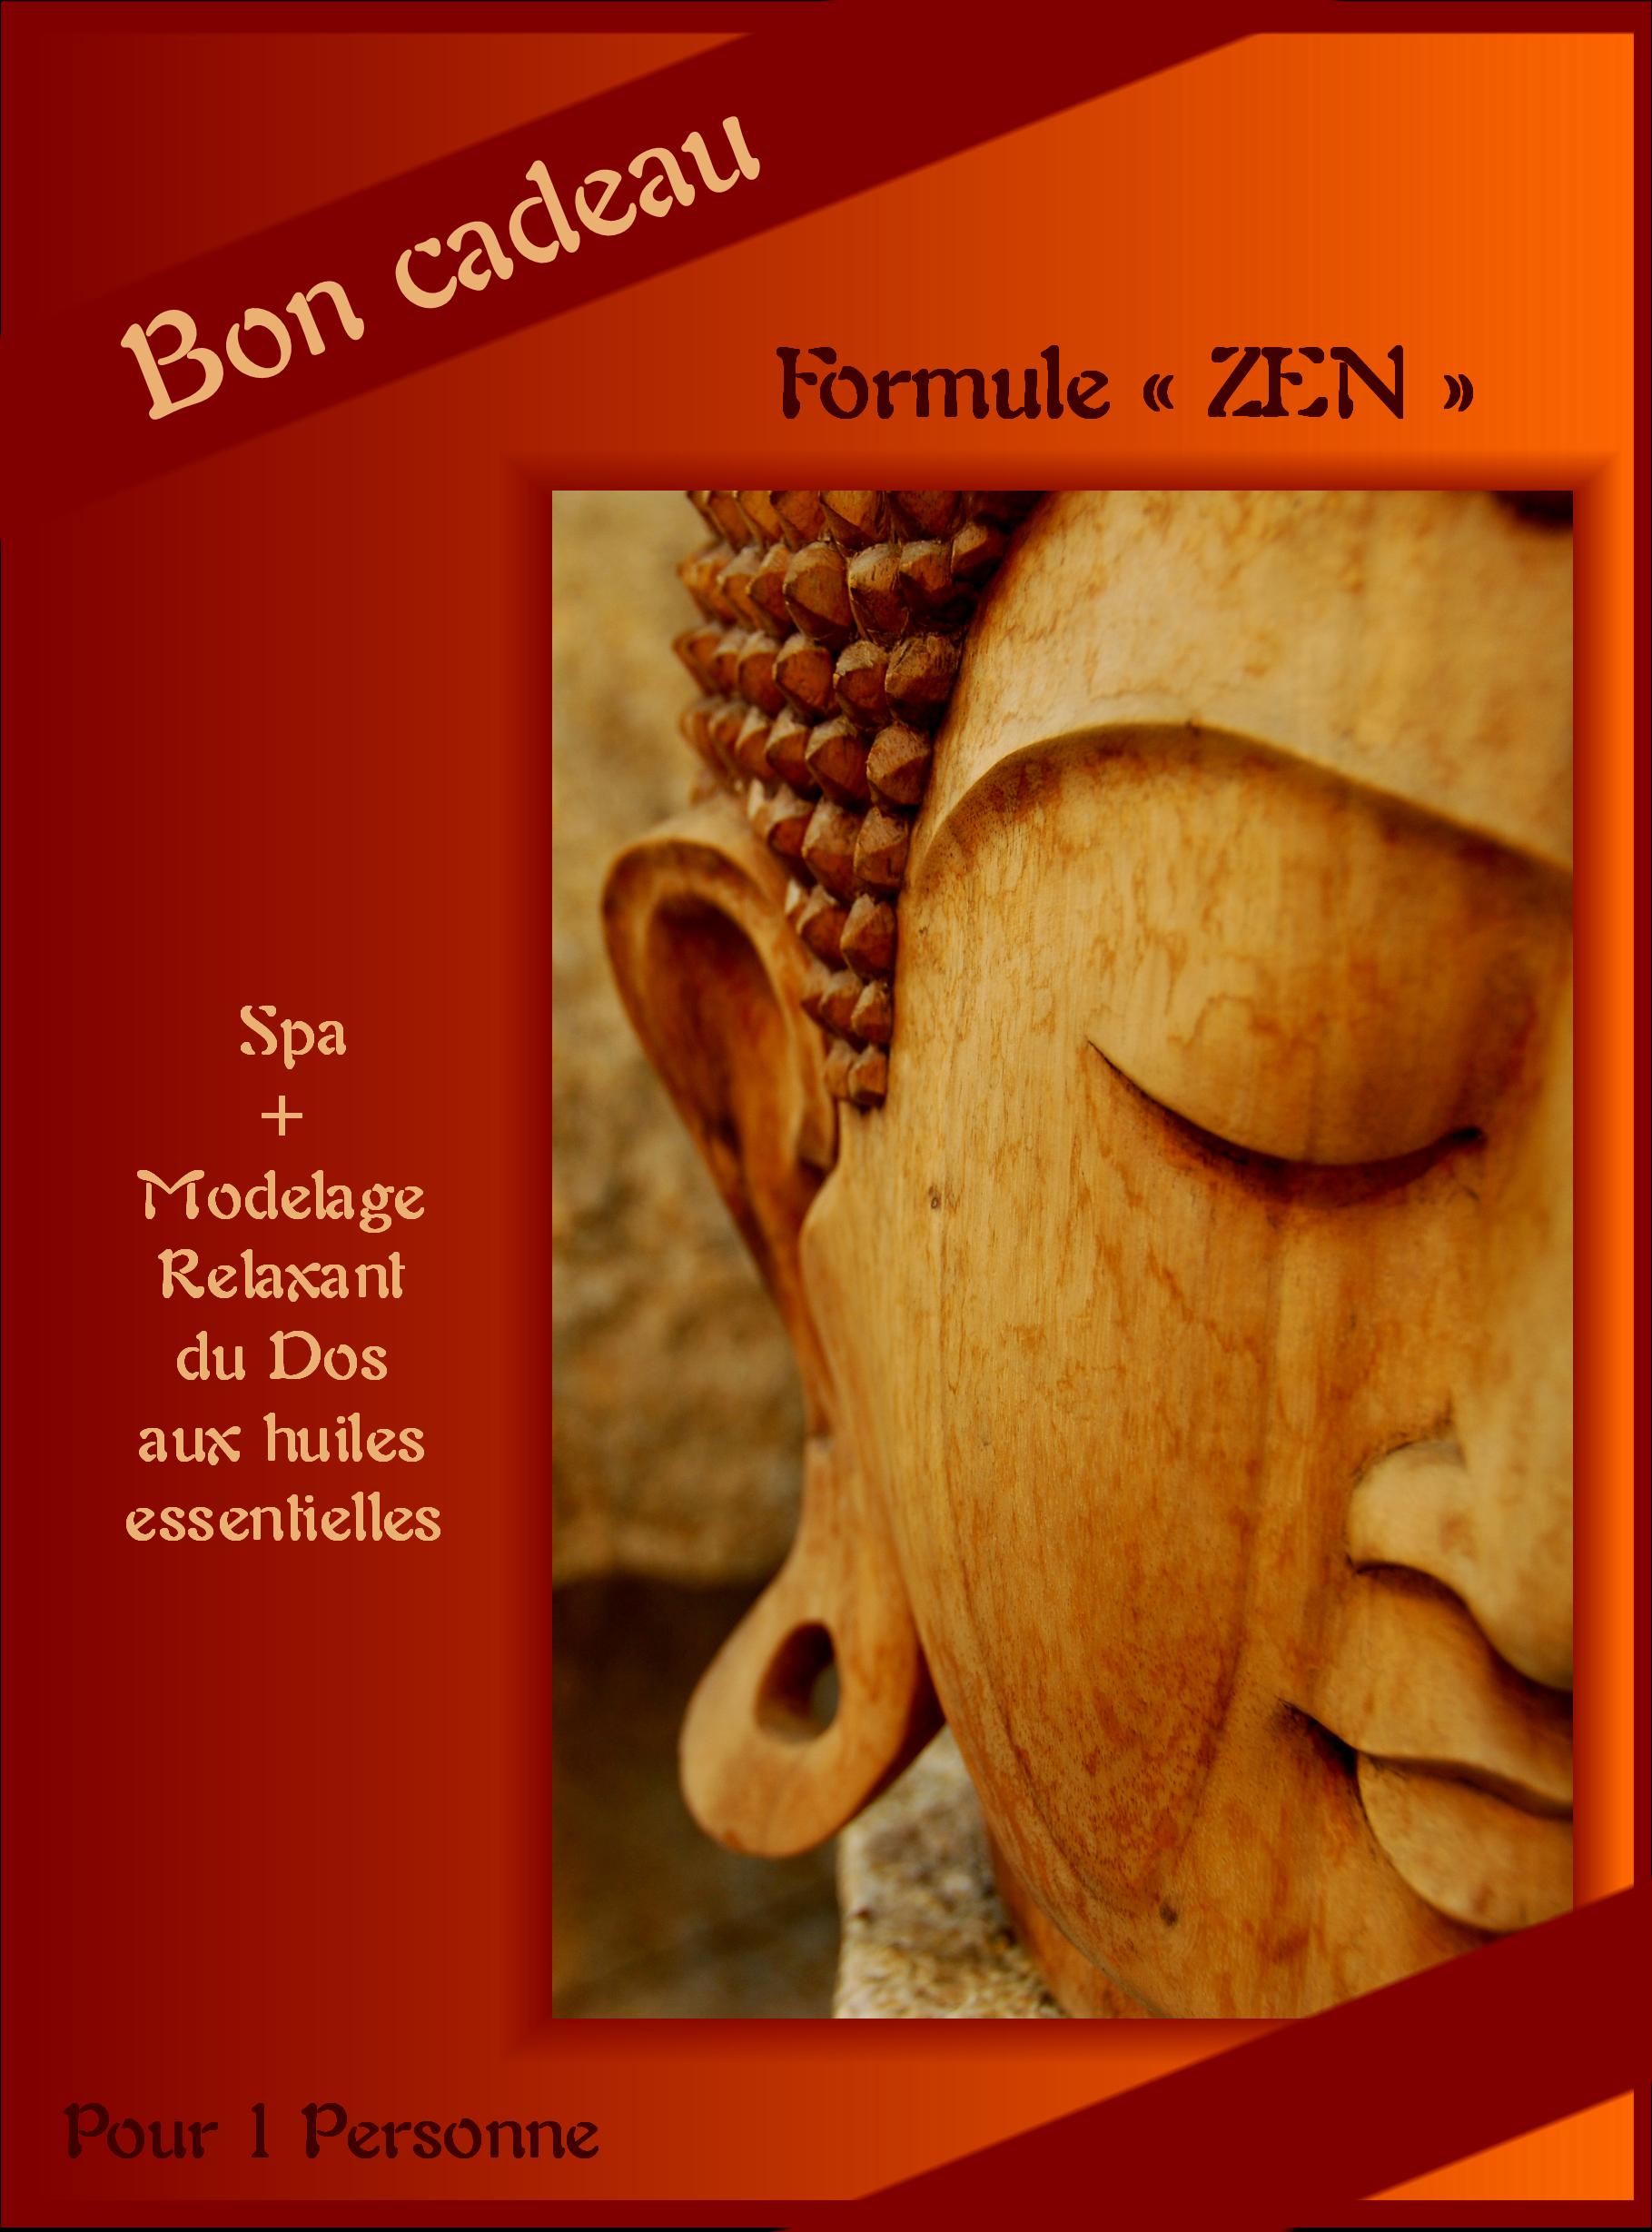 bon cadeau formule zen